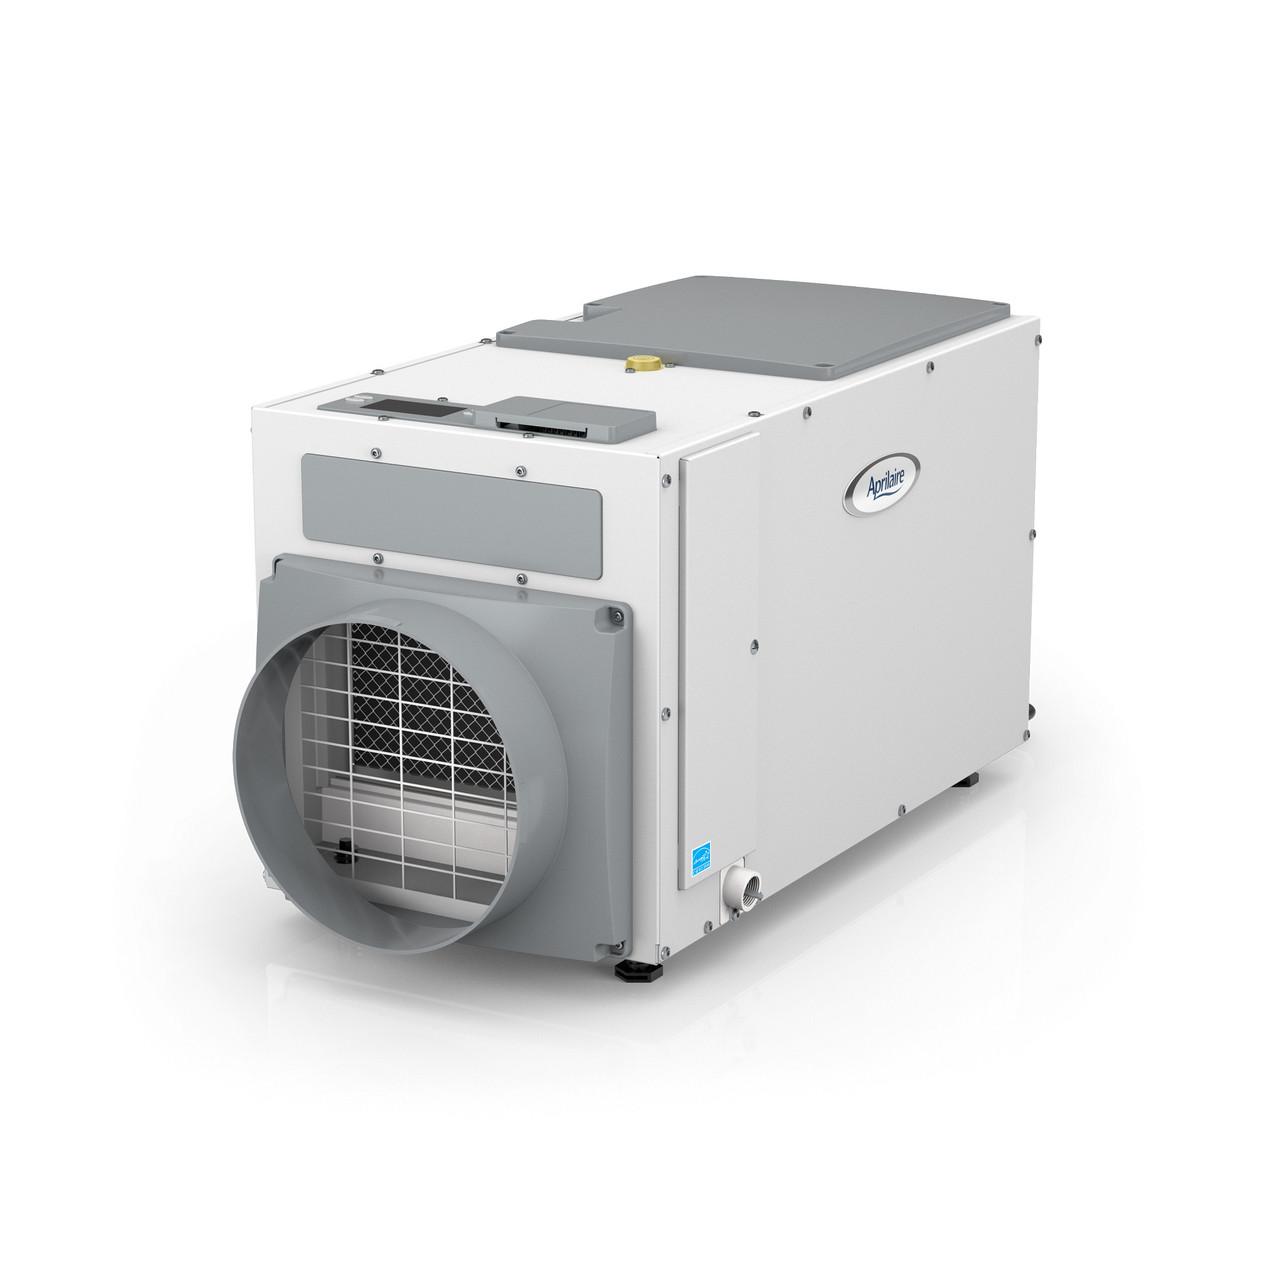 Aprilaire Model E100 Dehumidifier Profile